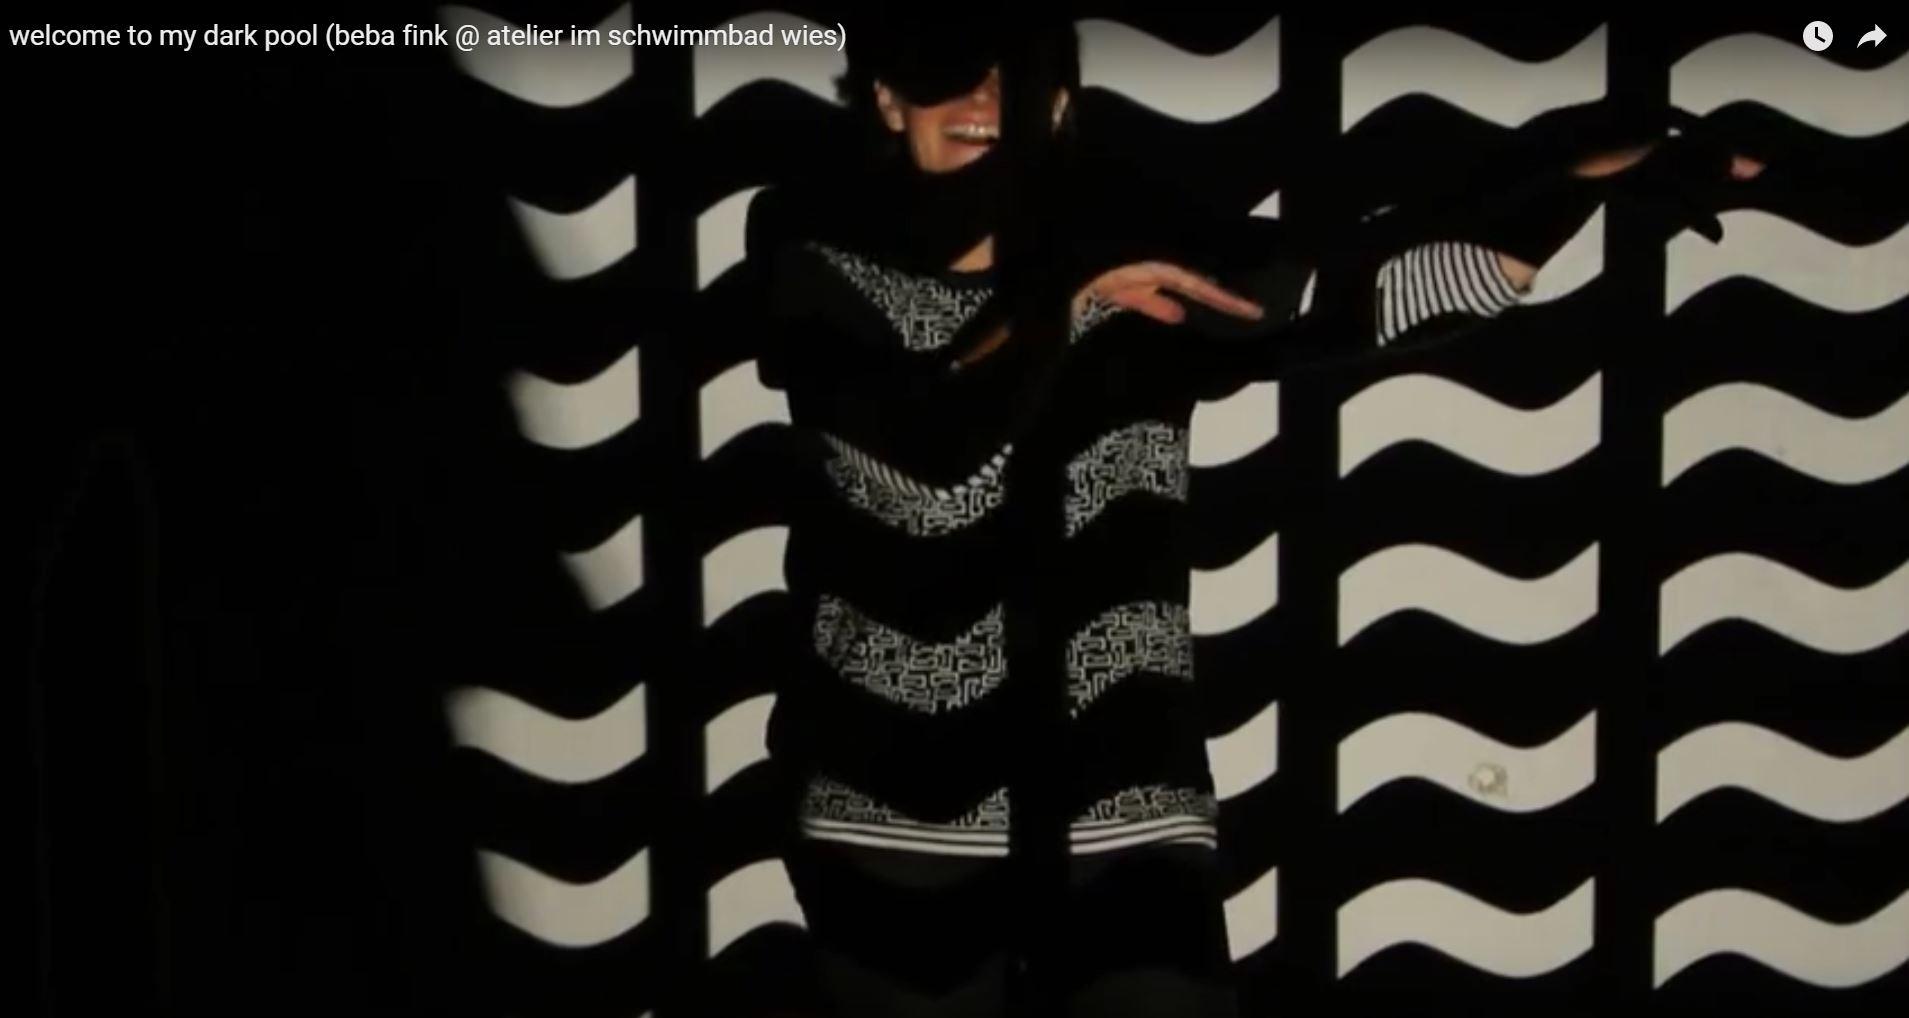 Beba Fink im Atelier im Schwimmbad (Videostill, (c) Kulturinitiative Kürbis)